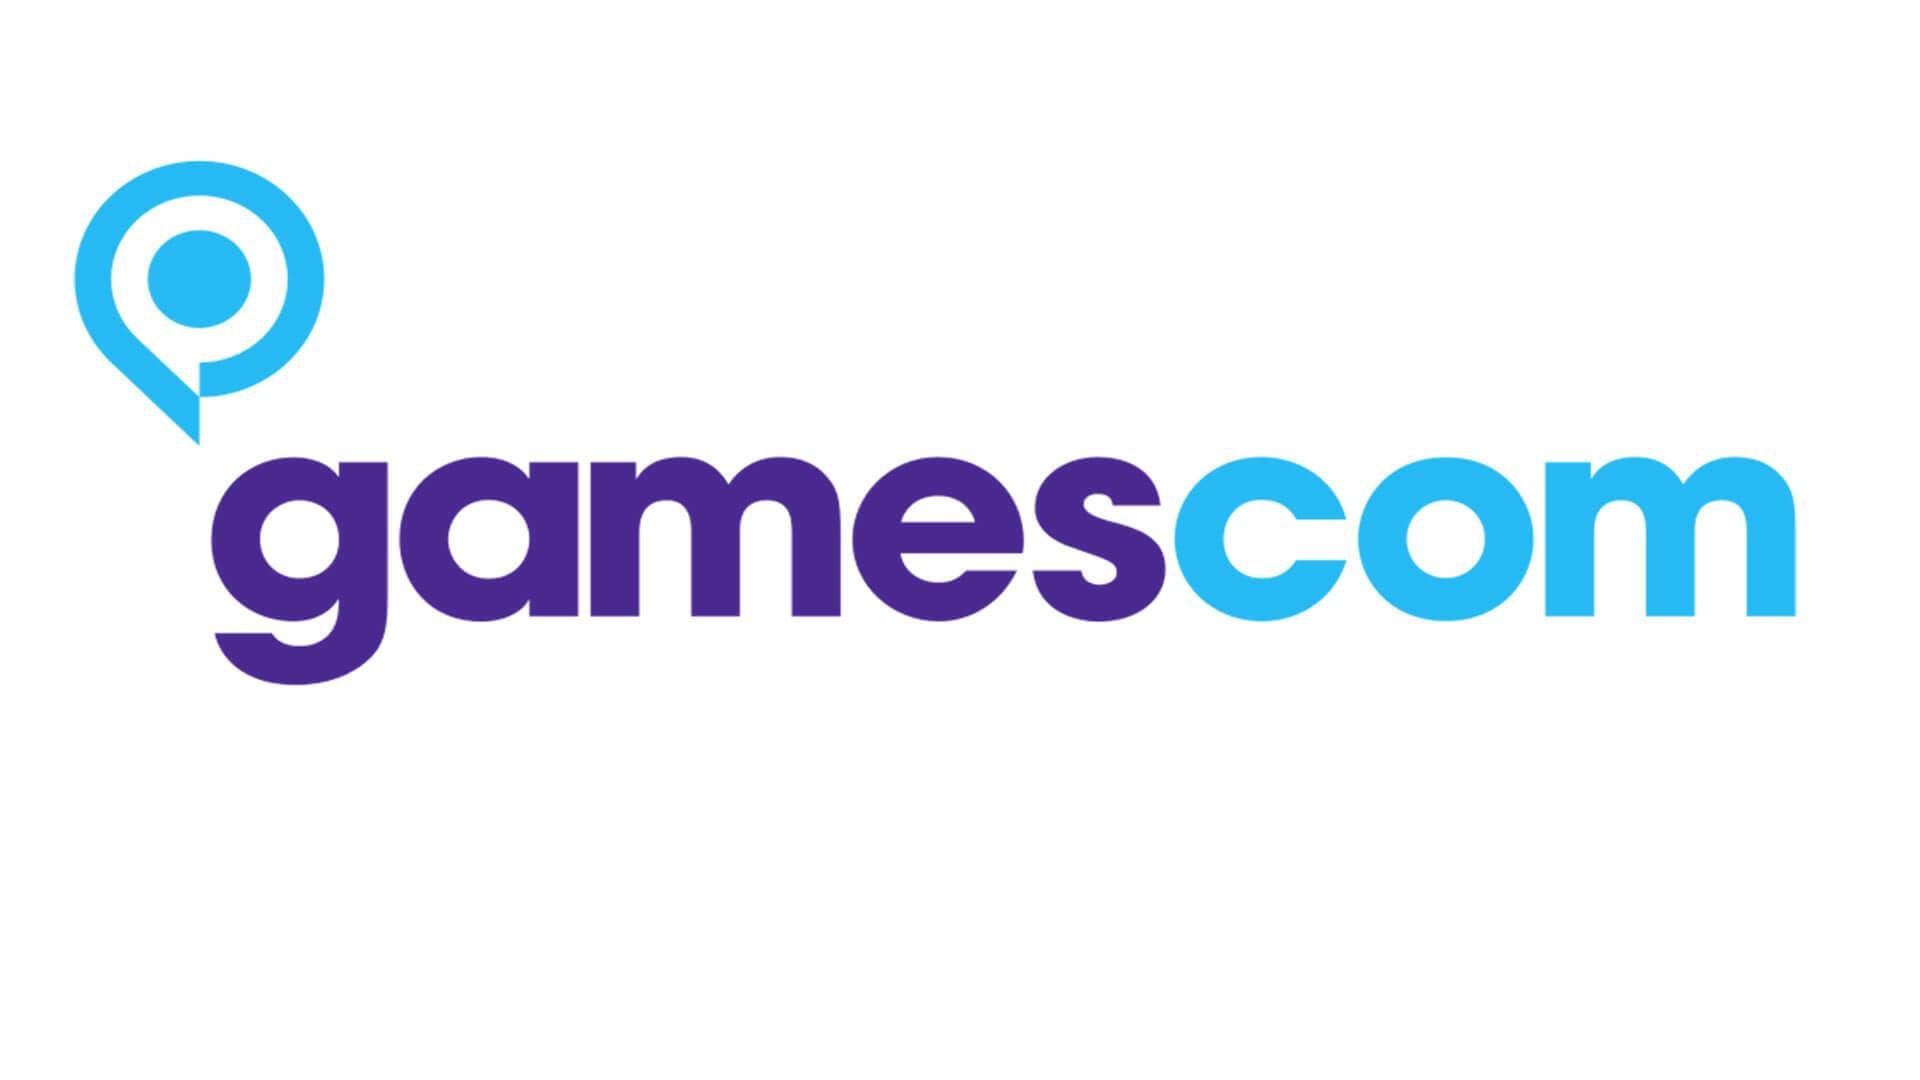 La Gamescom 2020 se celebrará de forma digital en la fecha prevista 5